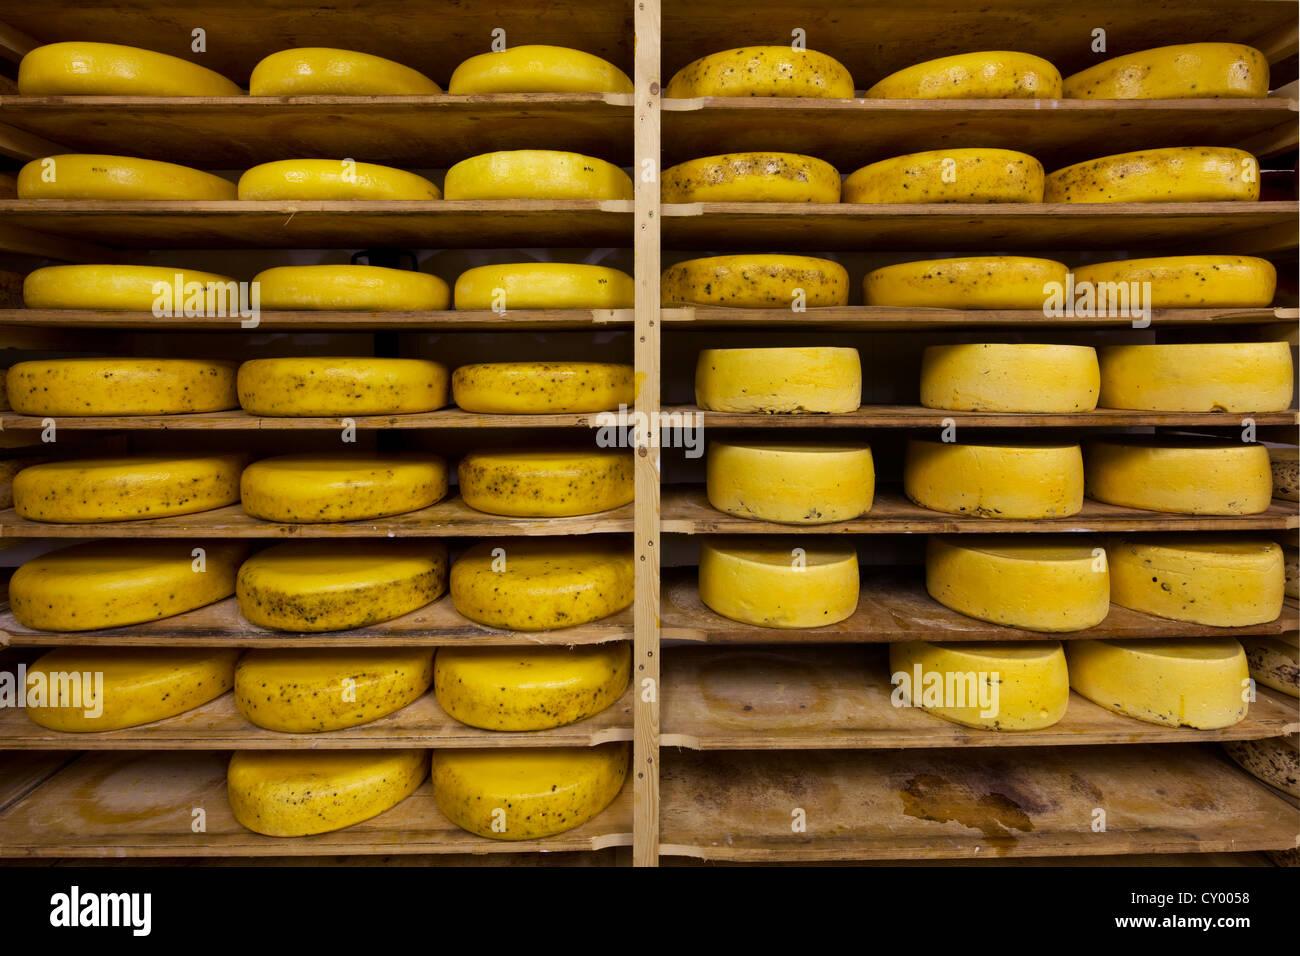 Regionale ruota artigianale formaggi invecchiamento sui ripiani in caseificio, Belgio Immagini Stock